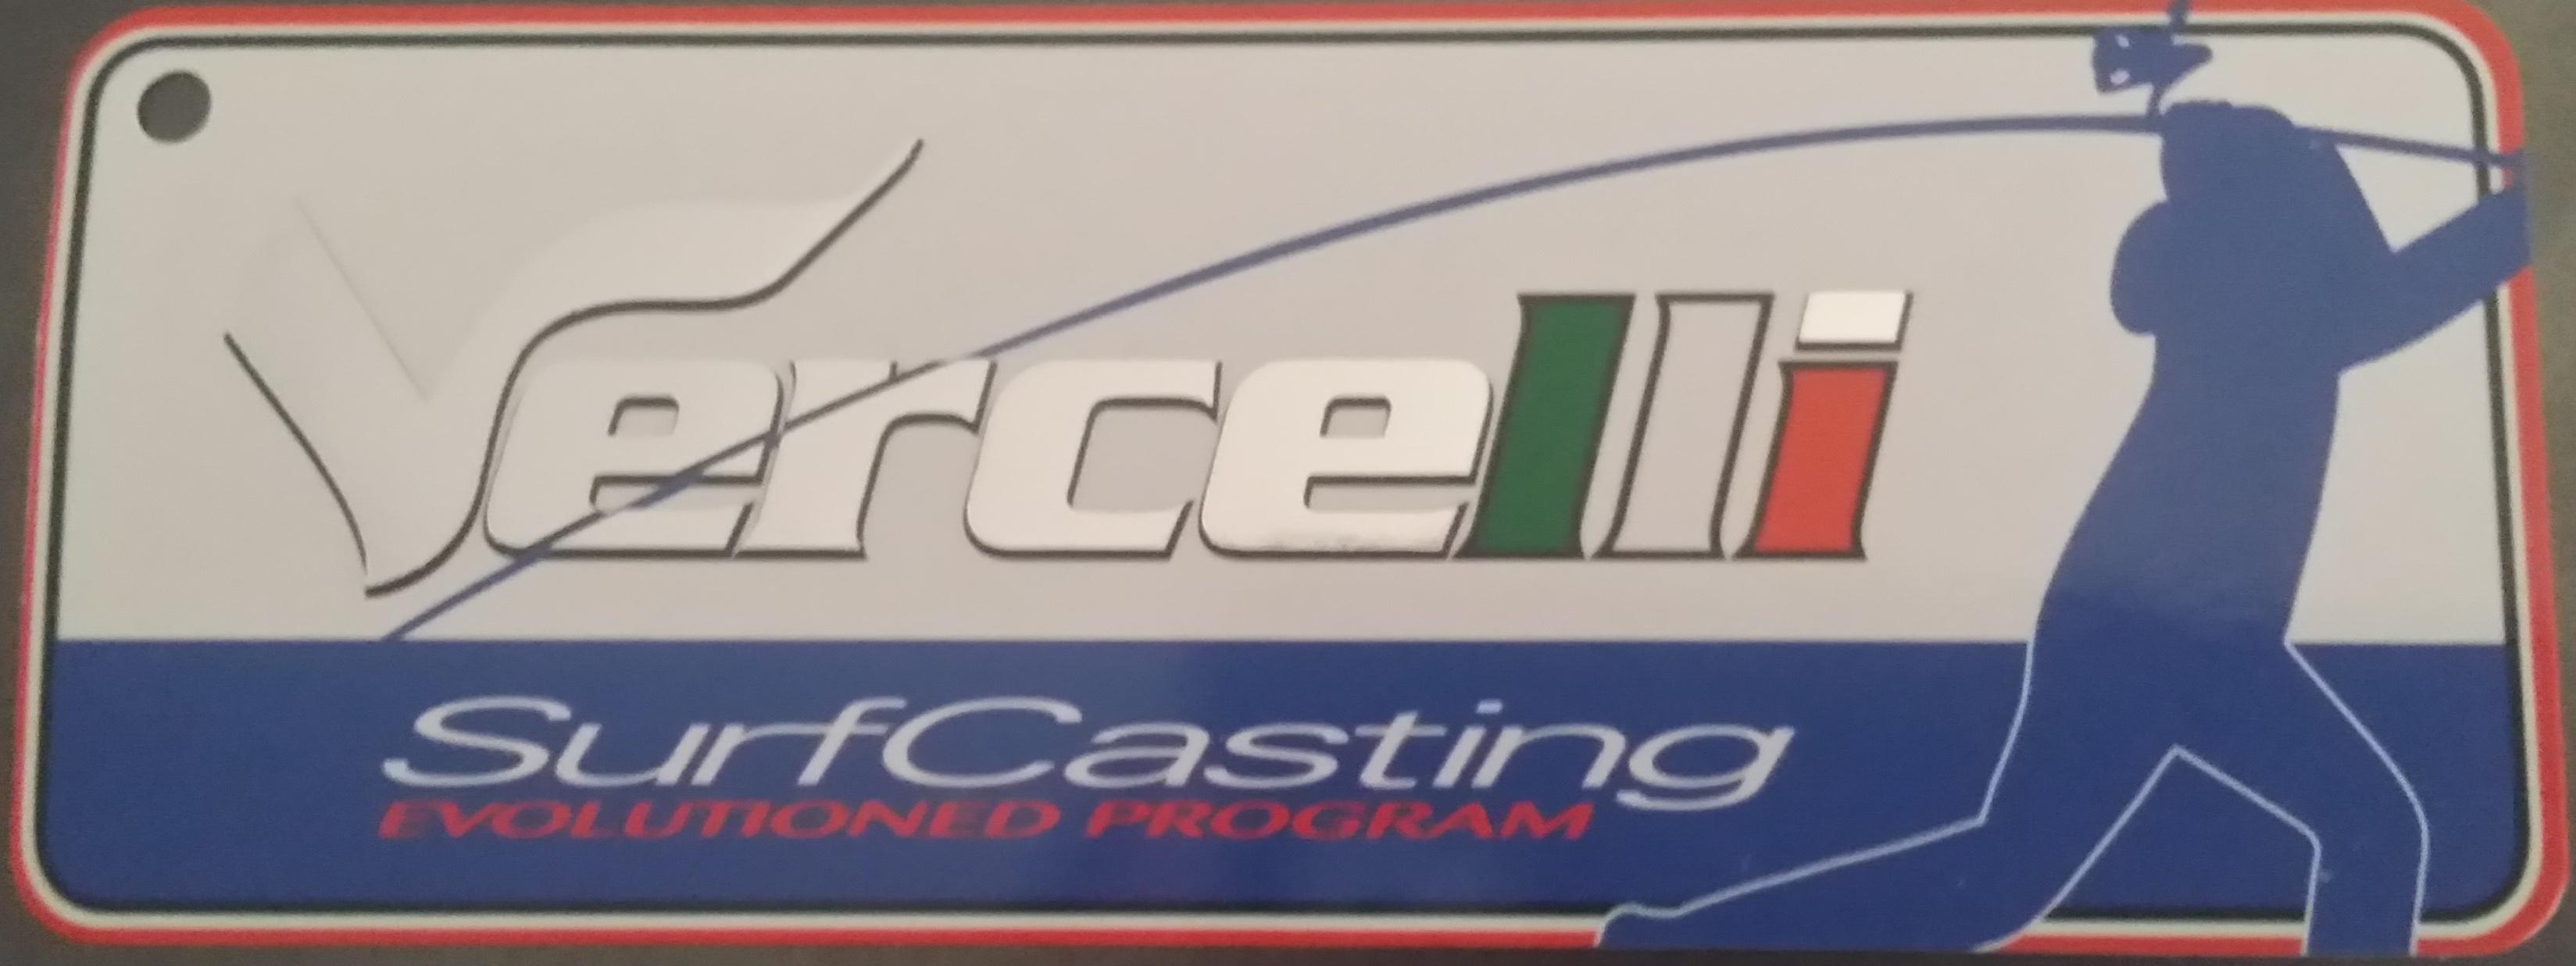 Vercelli facebook